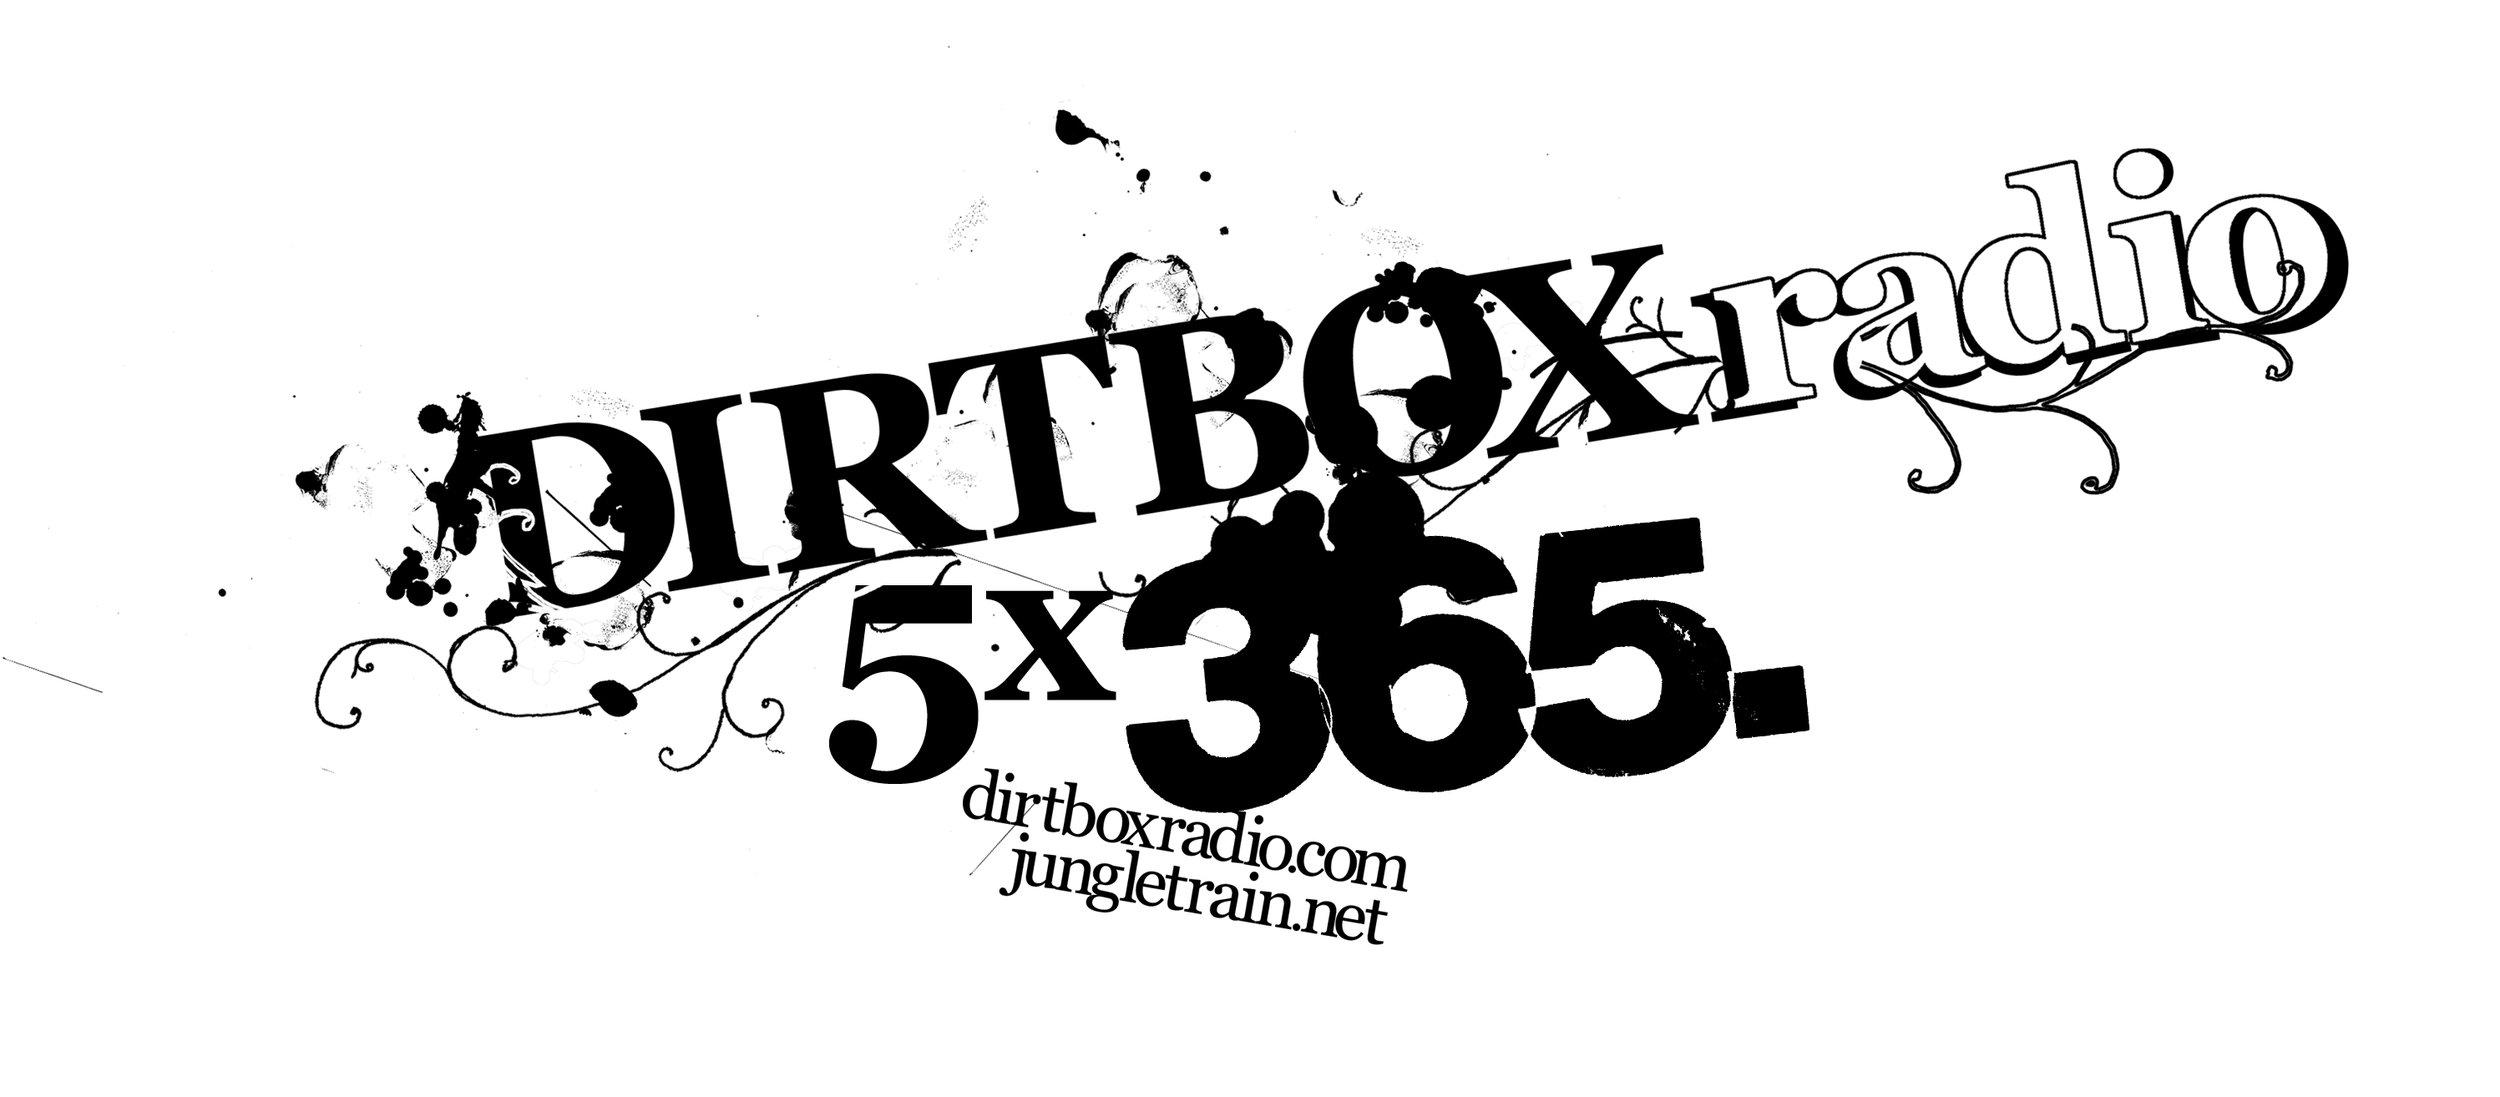 DBR_2007_DBR_dirtbox_back001_crop.jpg